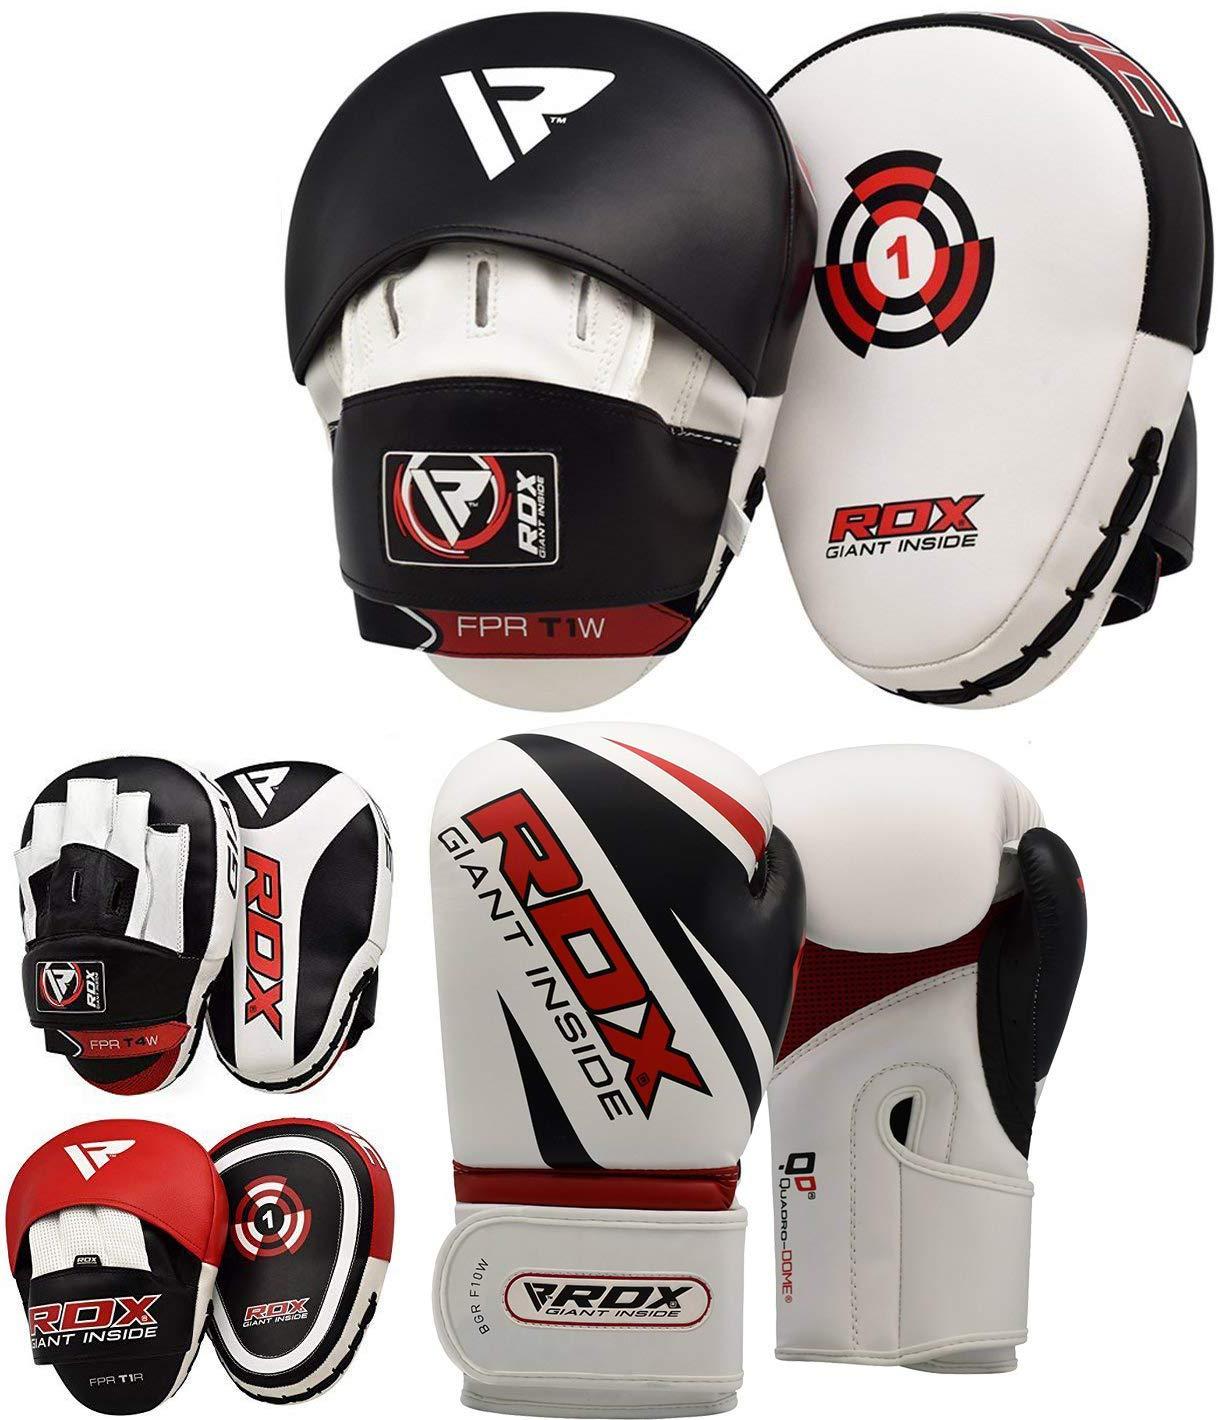 RDX MMA Artes Marciales Escudo Boxeo Paos Mano Patada Entrenamiento Pad Manoplas Segunda Esto Se Vende como Cada Elemento